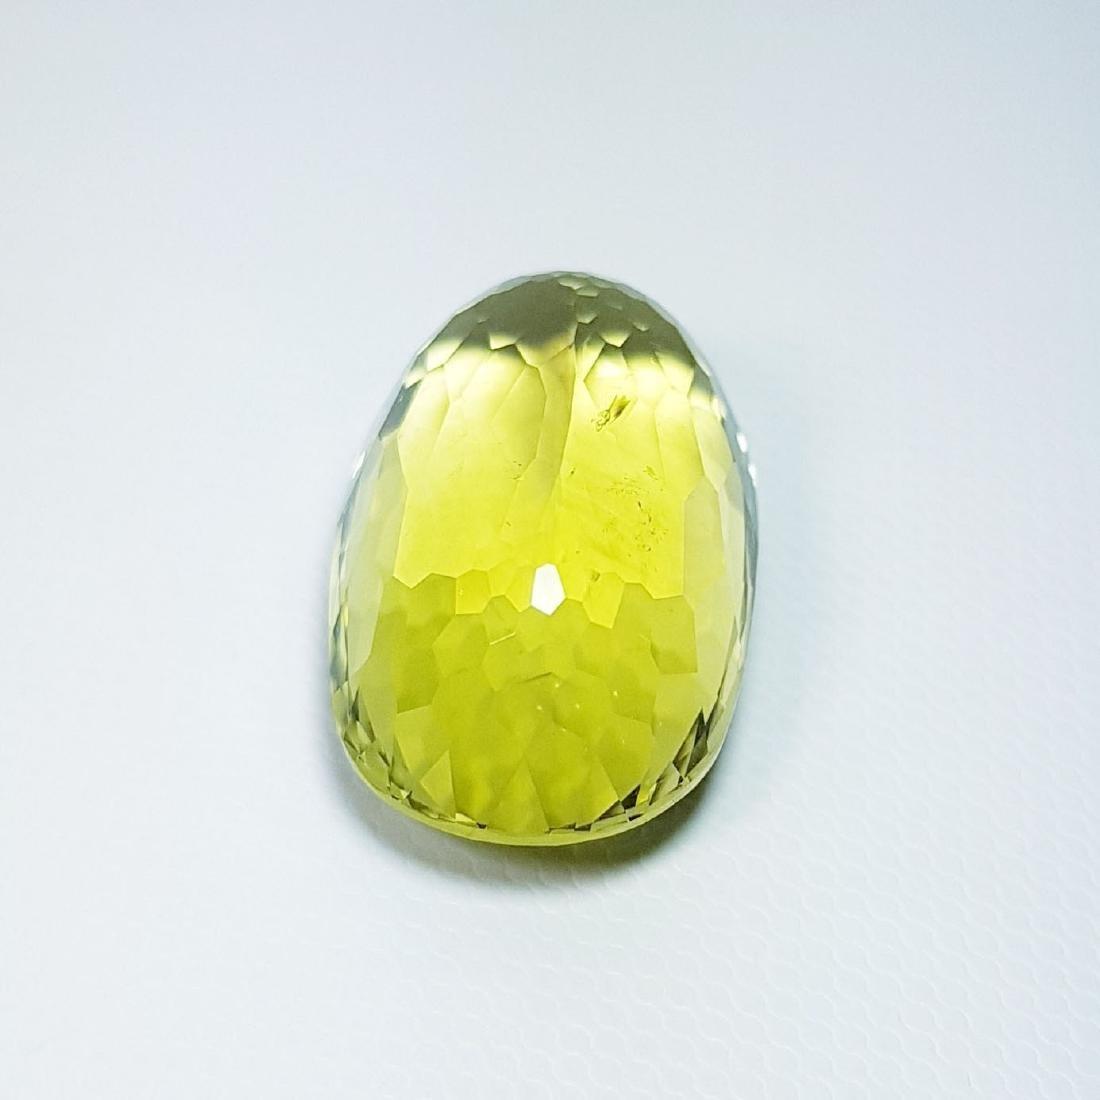 Green Gold Quartz - 29.15 ct - 3